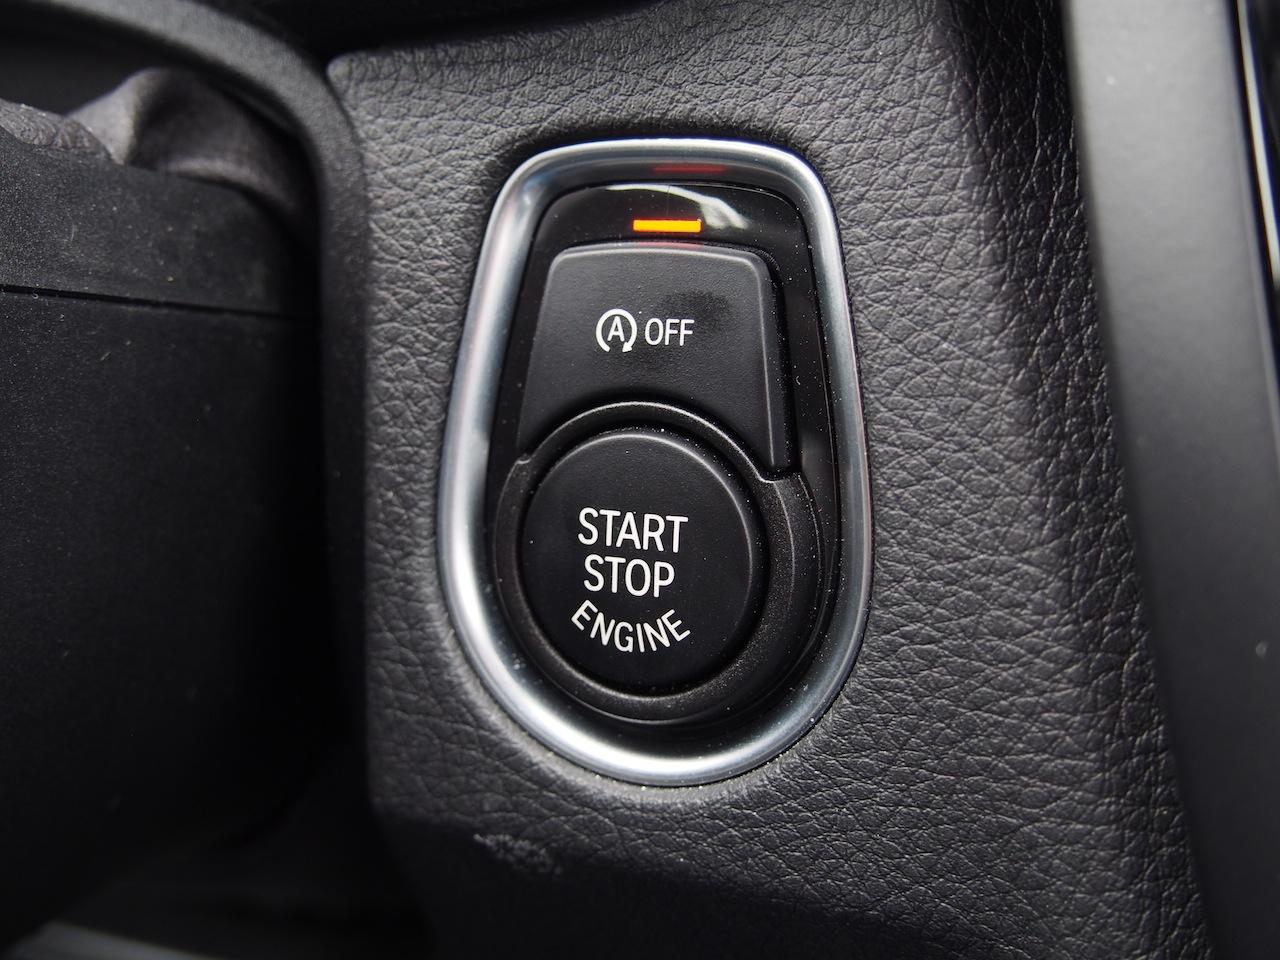 چگونه اتومبیل های دیزلی را روشن کنیم؟